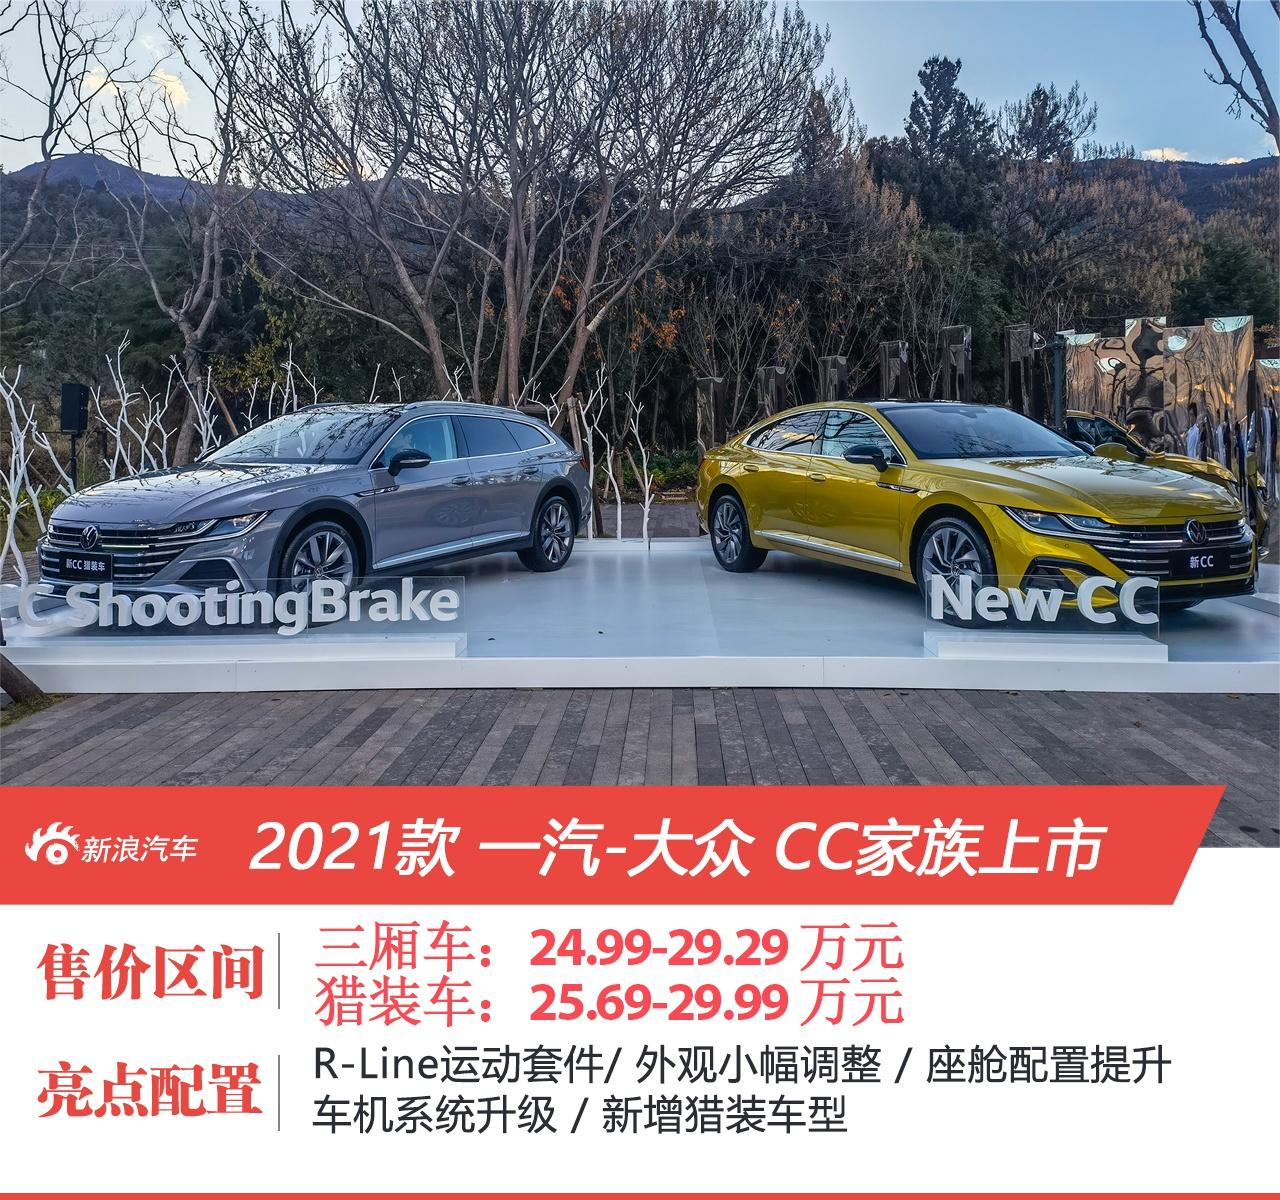 一汽-大众新款CC家族正式上市 售24.99-29.99万元